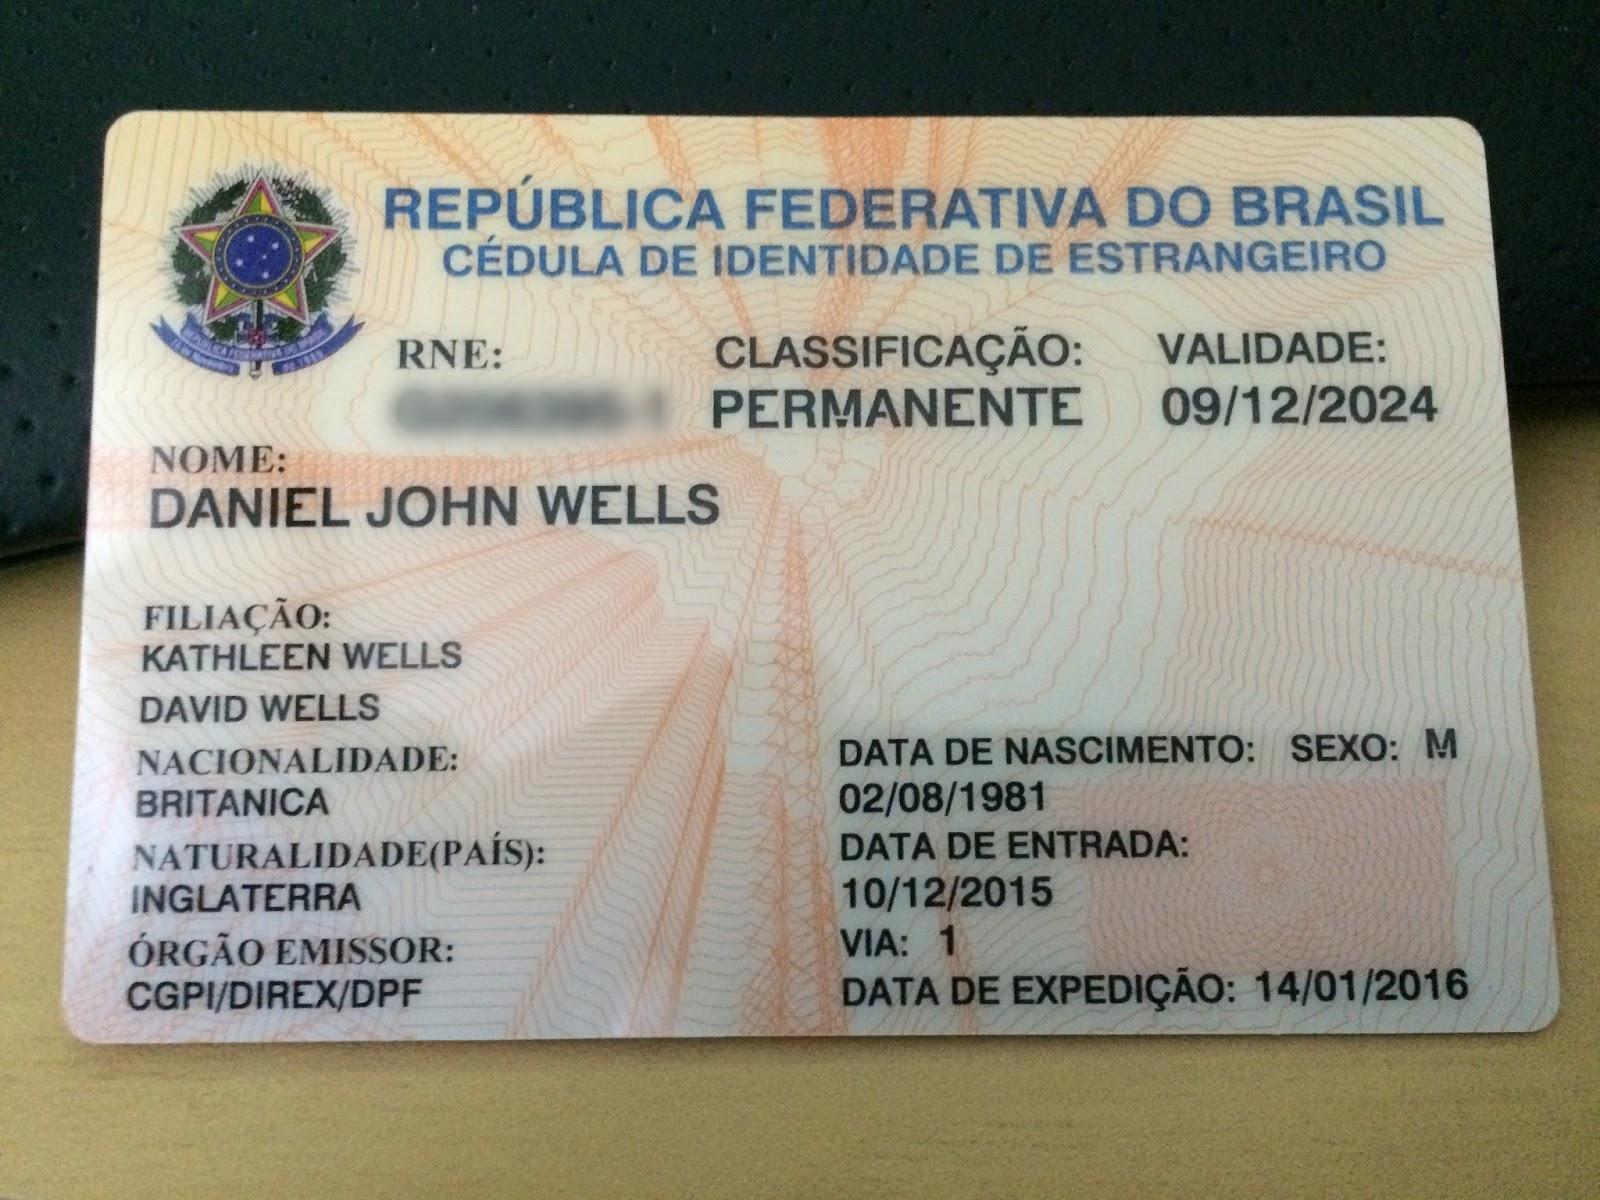 Какими способами можно получить вид на жительство в Бразилии